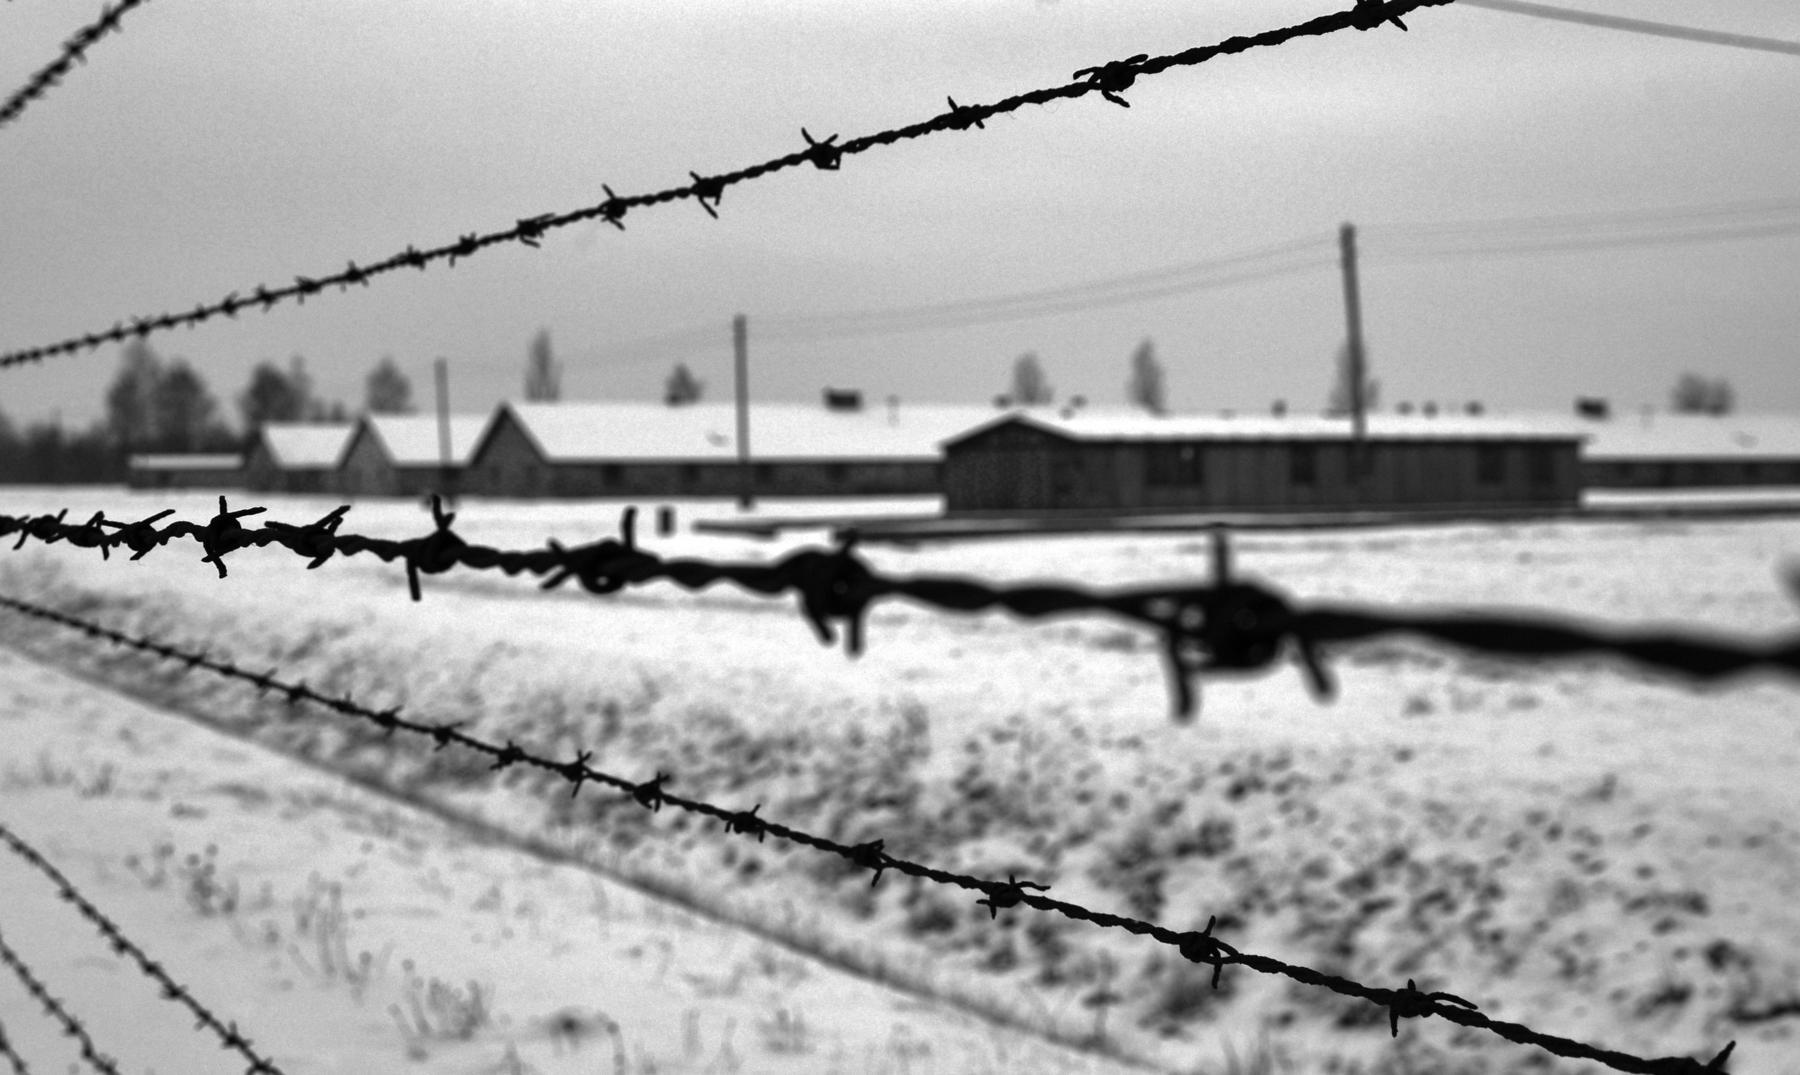 La triste historia de los enamorados de Auschwitz